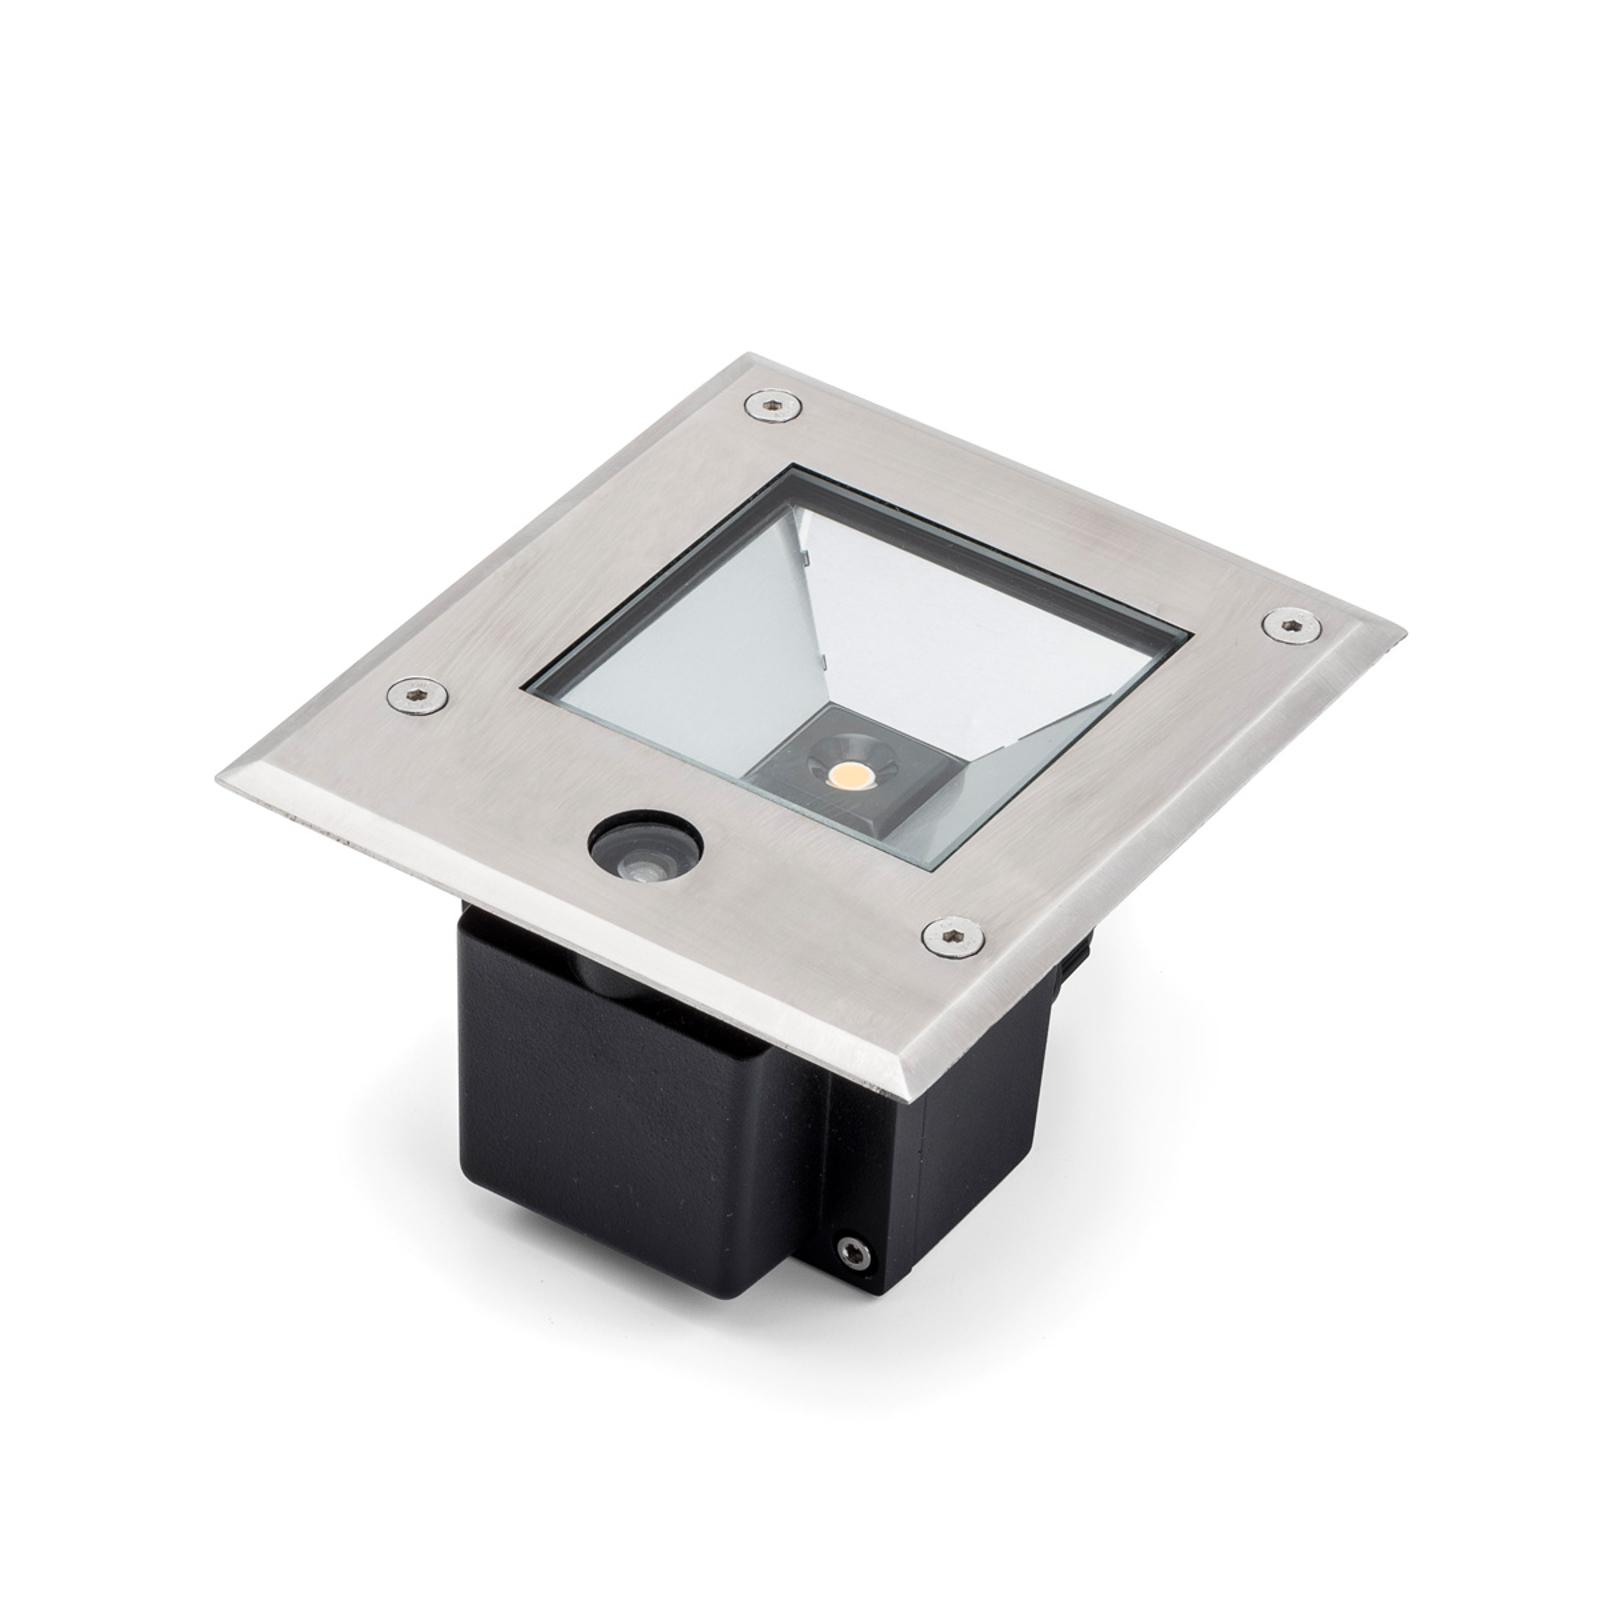 LED-maaspotti Dale 6W, hämärätunnistin